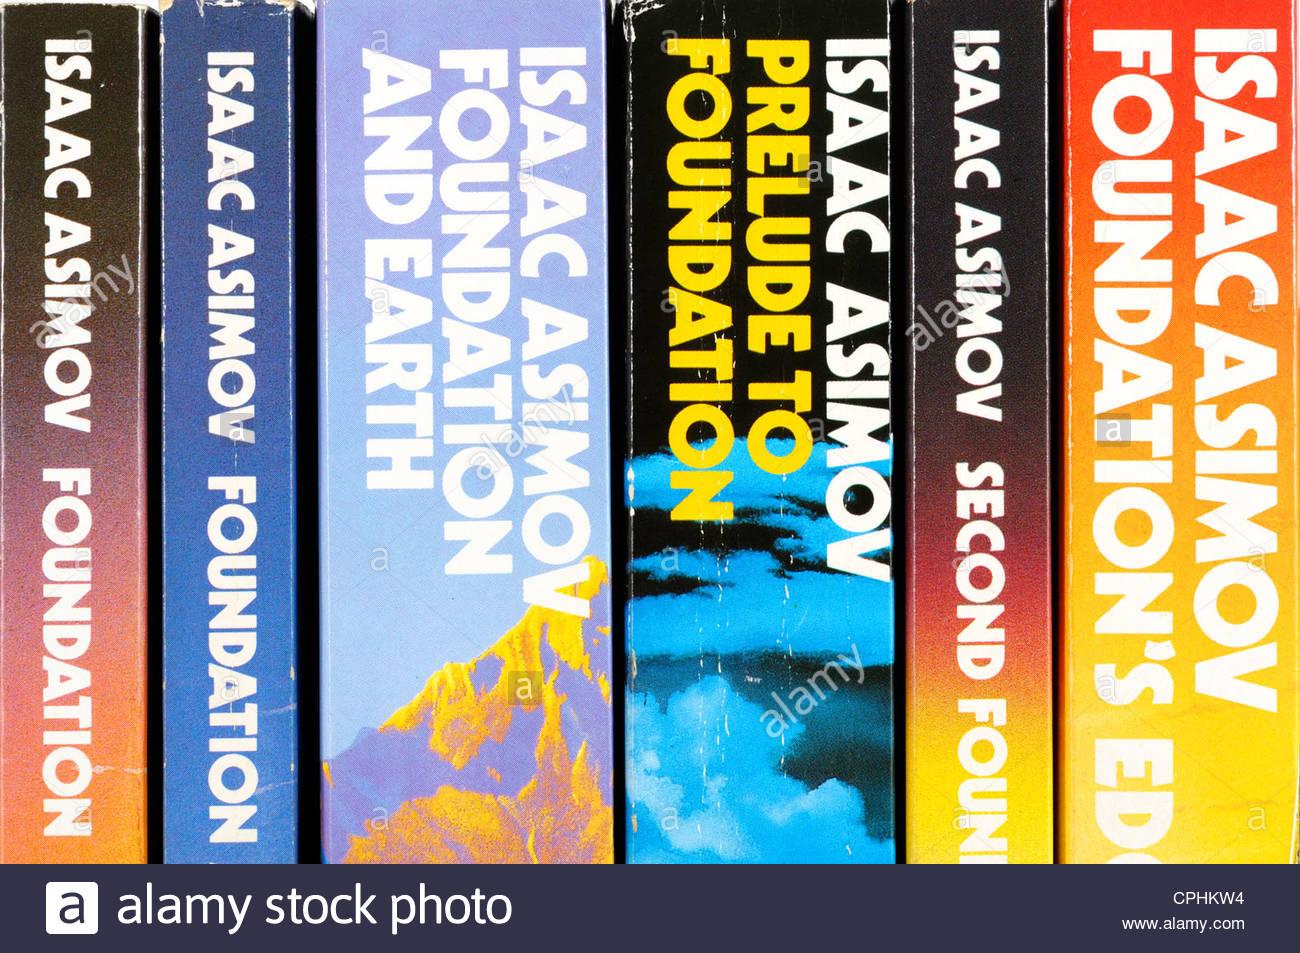 Isaac Asimov, Foundation, novels, England - Stock Image